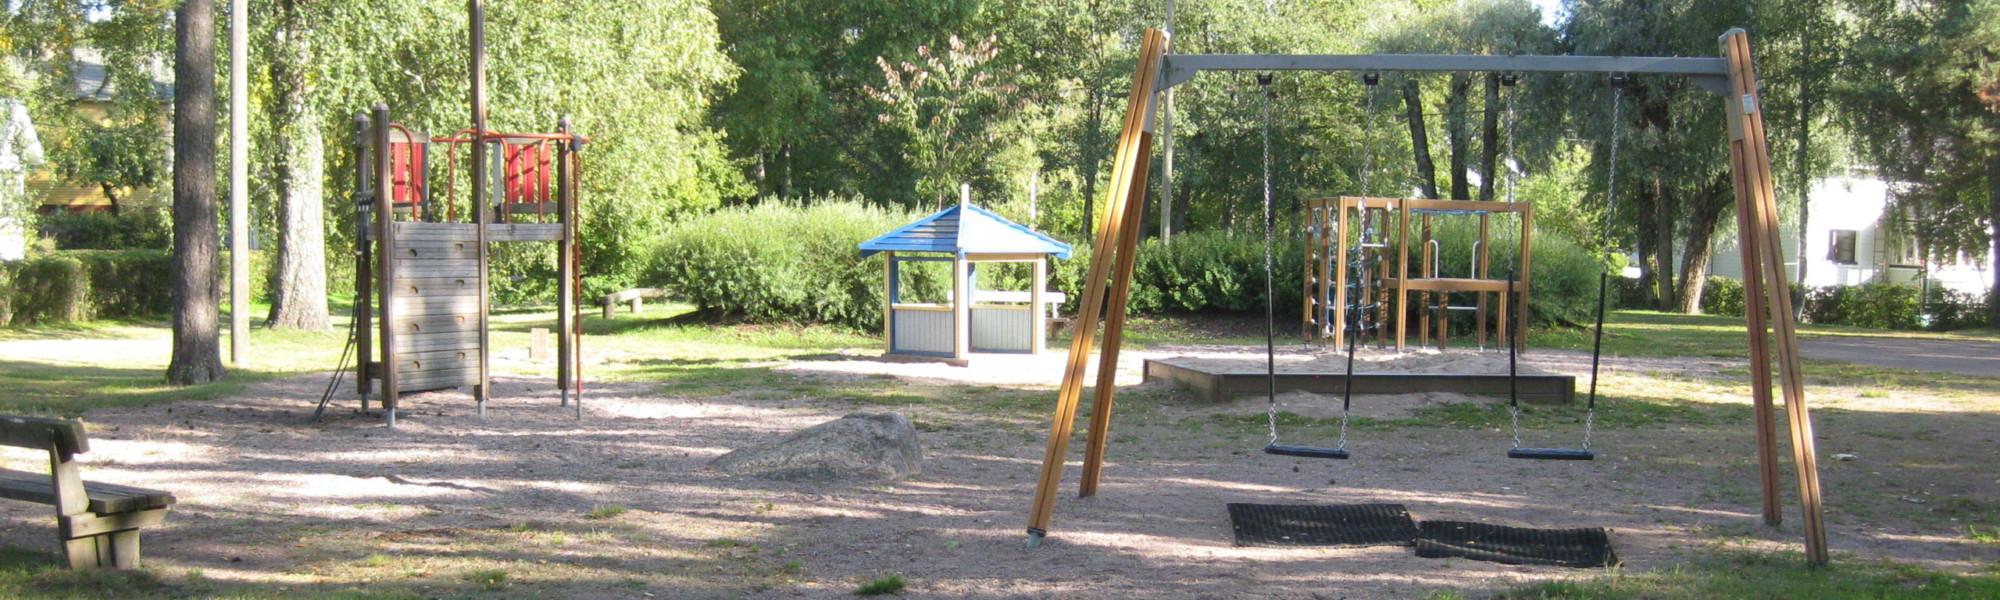 Kuvassa on Peurantien leikkipaikka